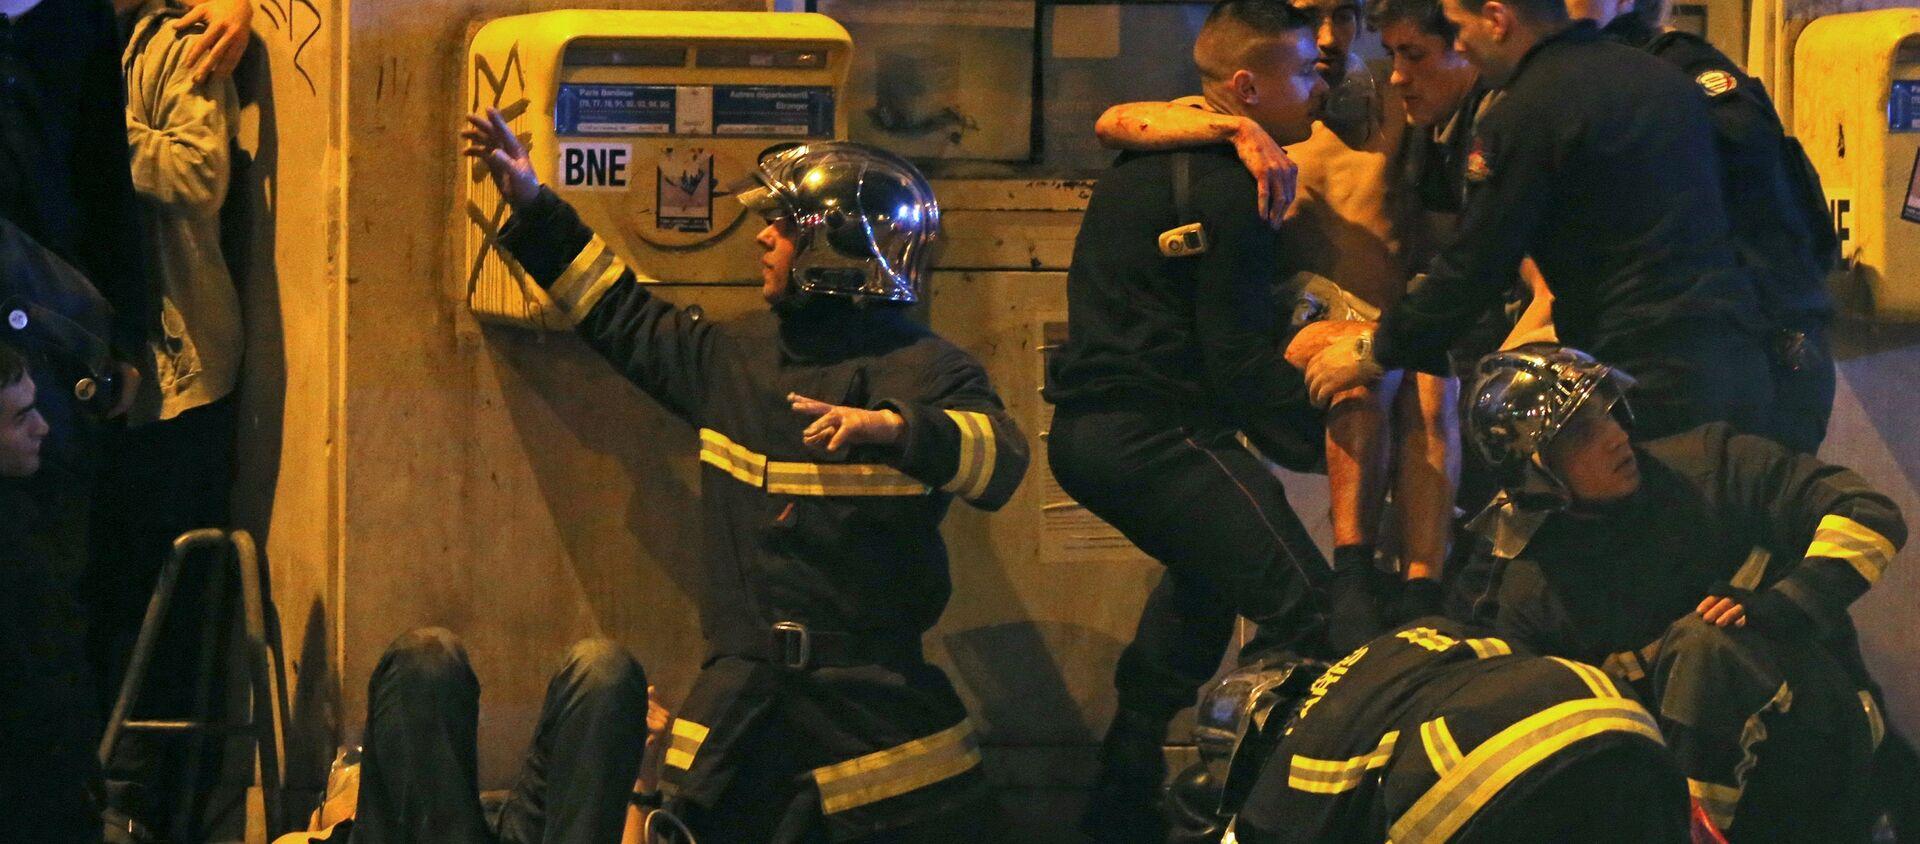 Francuski vatrogasci pomažu povređenom momku u blizini Bataklan koncertne dvorane nakon pucnjave u Parizu, Francuska, 13. novembra 2015 - Sputnik Srbija, 1920, 14.11.2015